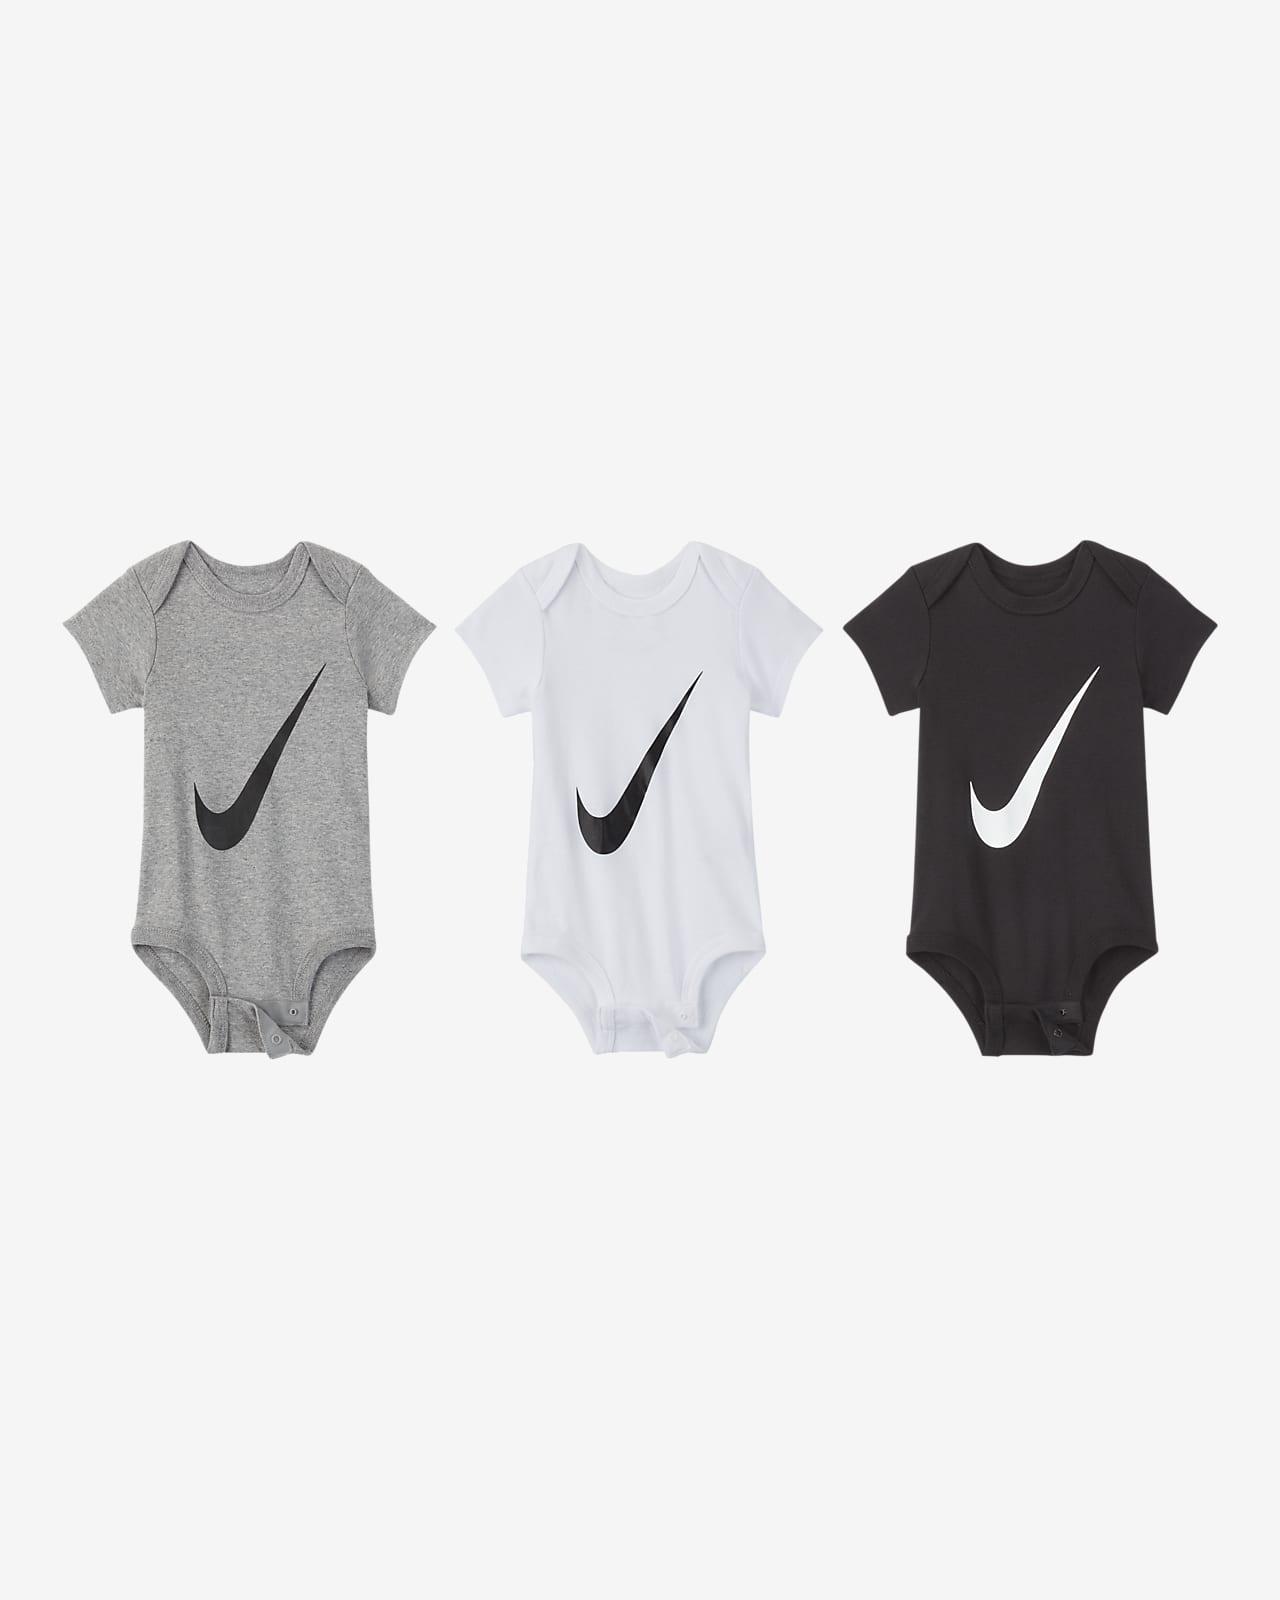 Σετ ολόσωμα κορμάκια Nike για βρέφη (0-6M) (τρία τεμάχια)